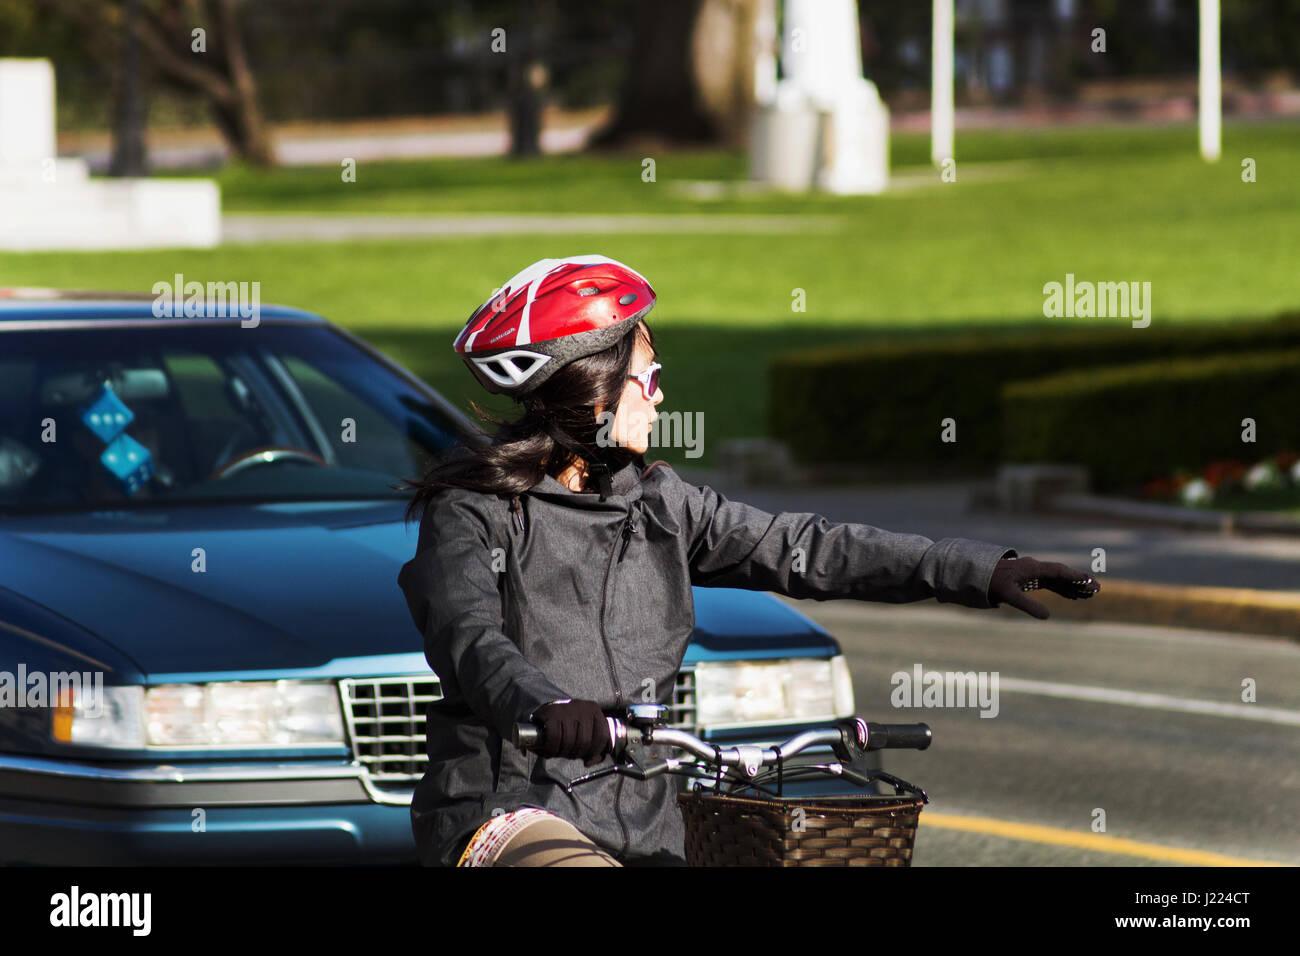 Frau Auf Fahrrad Machen Links Abbiegen Victoria Bc Kanada Stockfoto